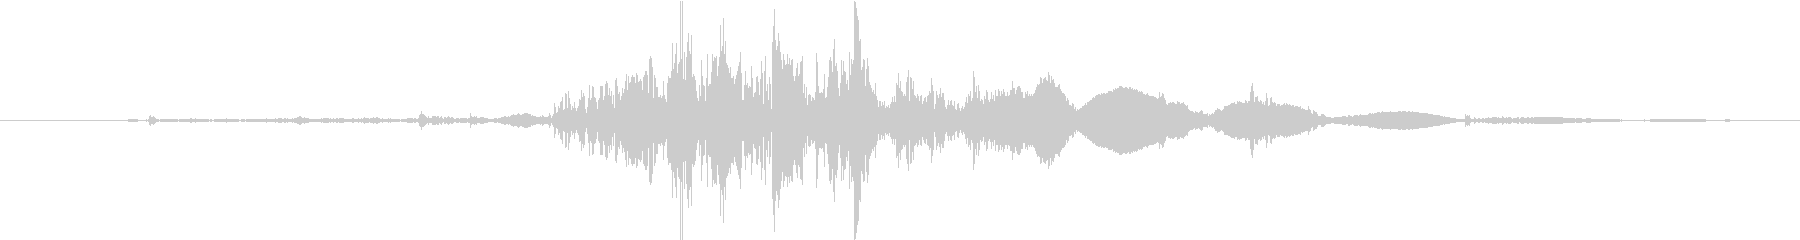 アドベンチャーベスト:ドロップトゥ...の未再生の波形